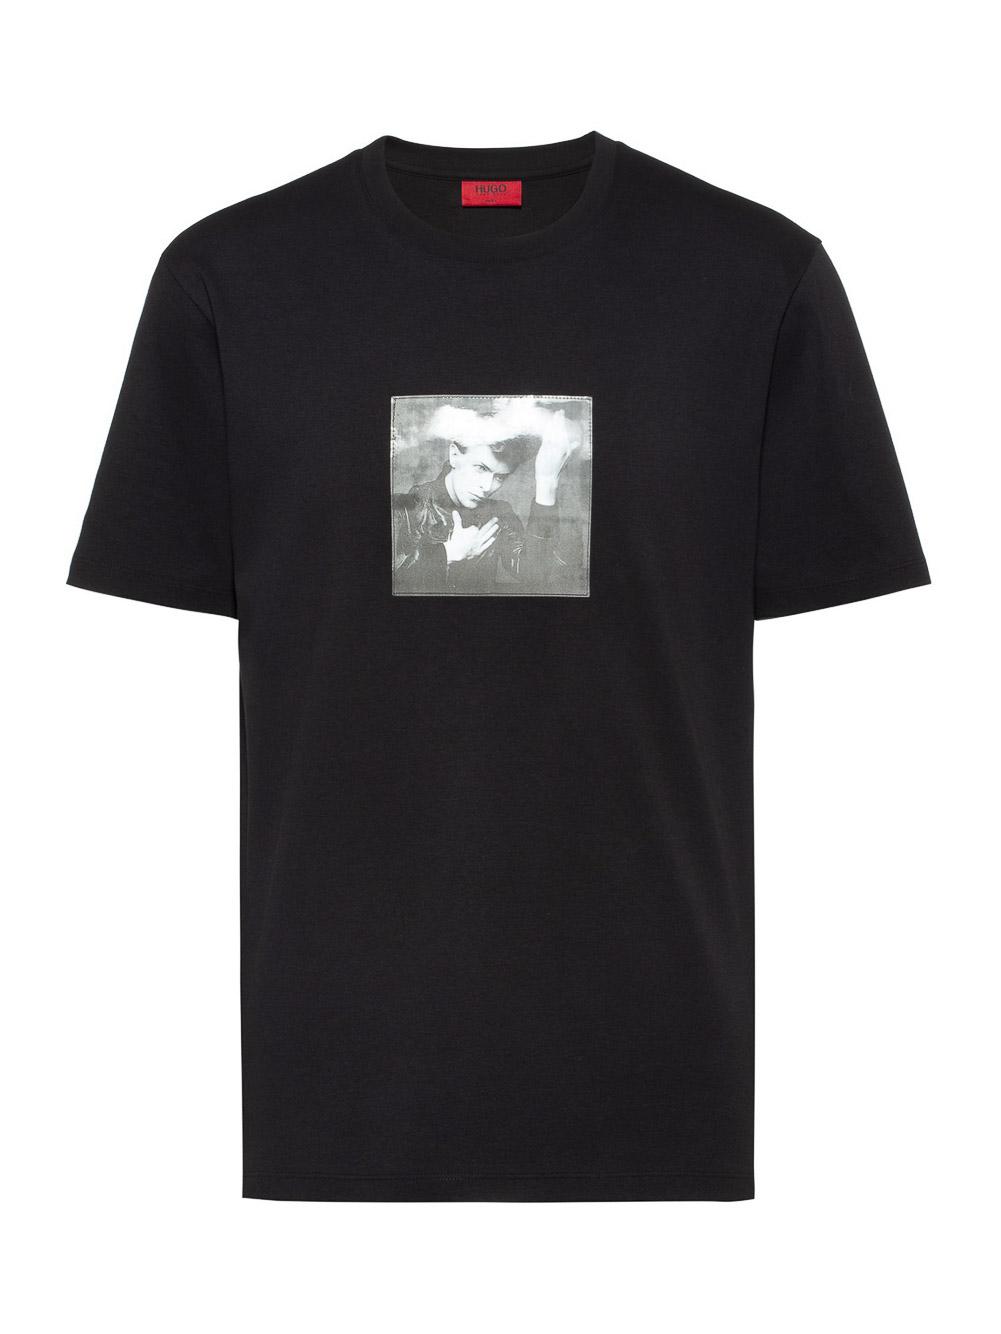 HUGO Μπλούζα T-Shirt 50427467-001 ΜΑΥΡΟ